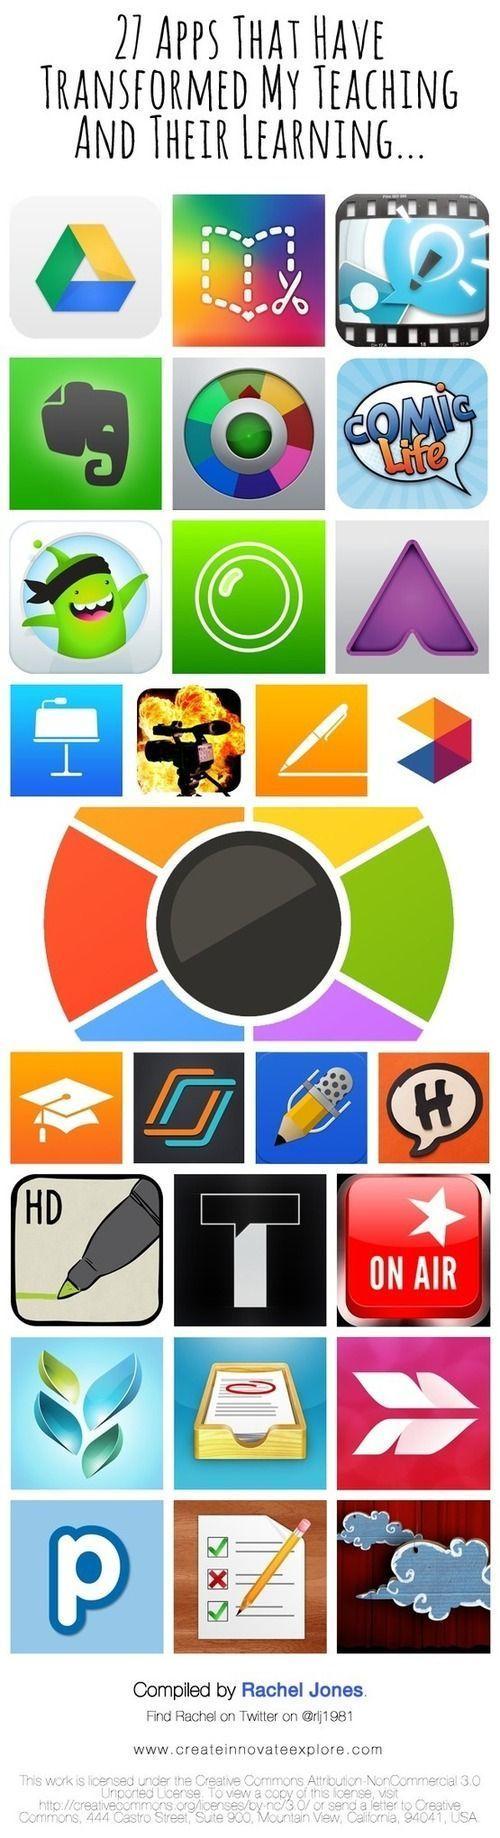 27 Apps, die mein Lehren und Lernen verändert haben